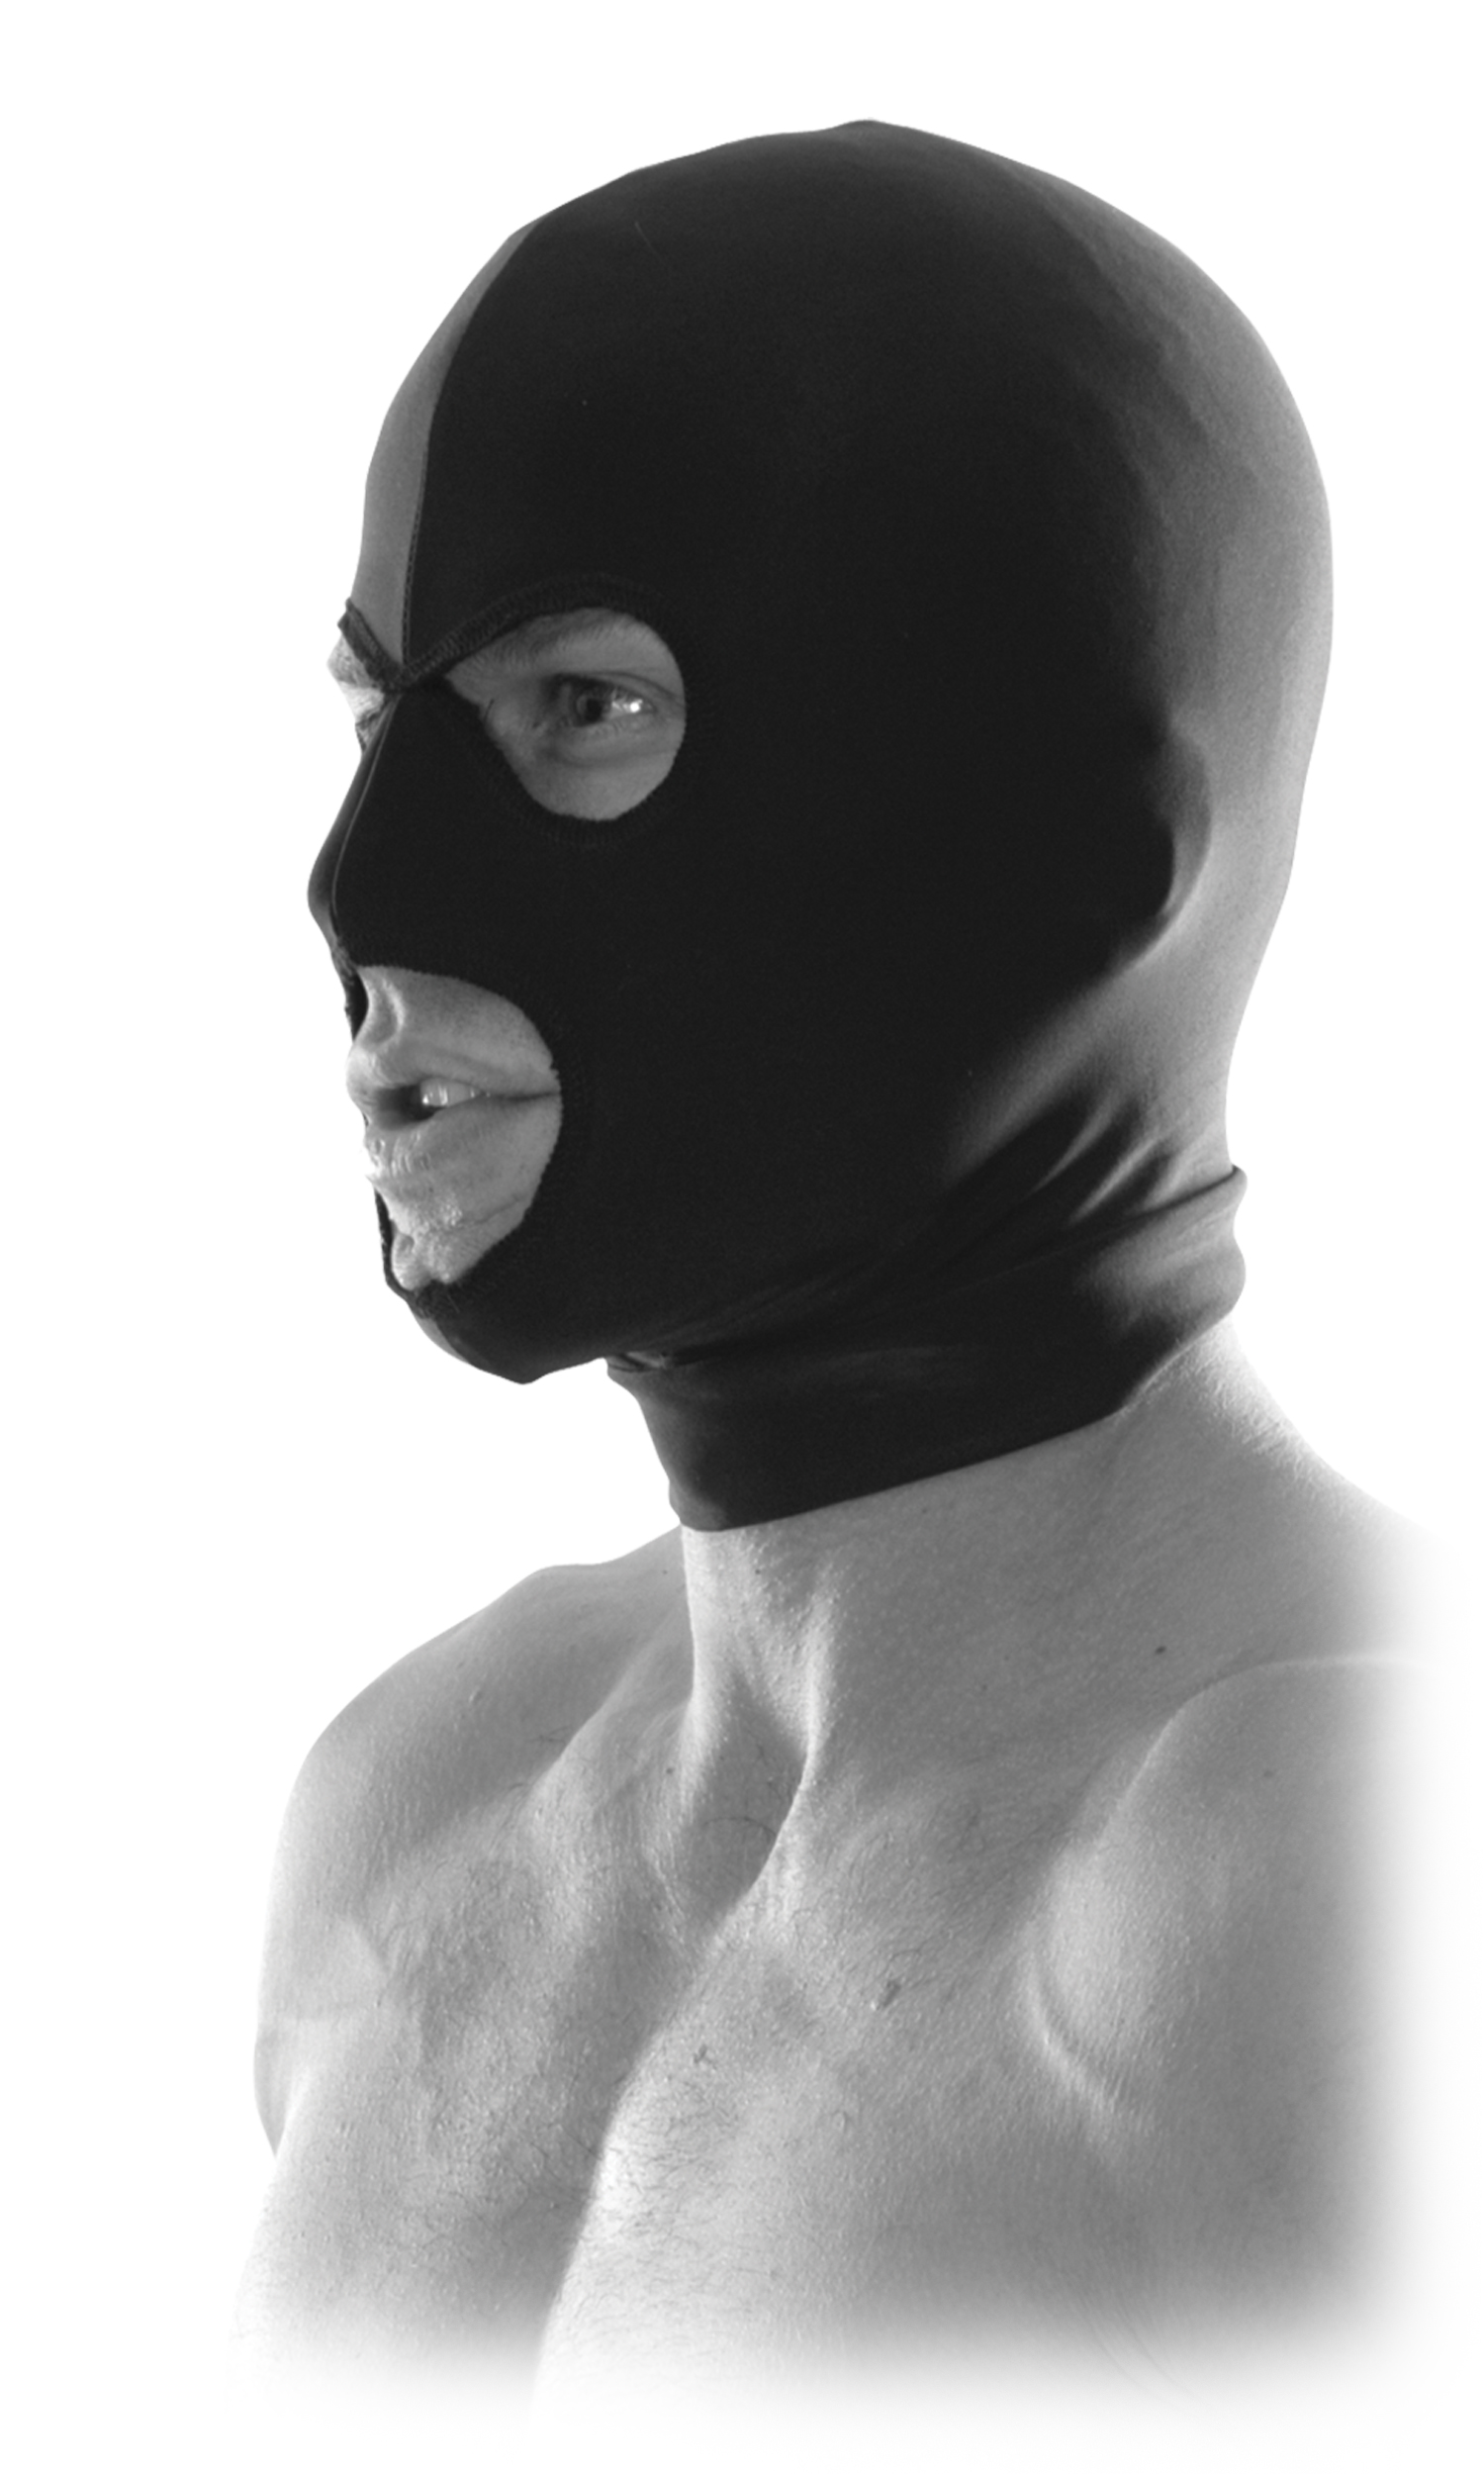 Секс фото мужчин в маске 8 фотография